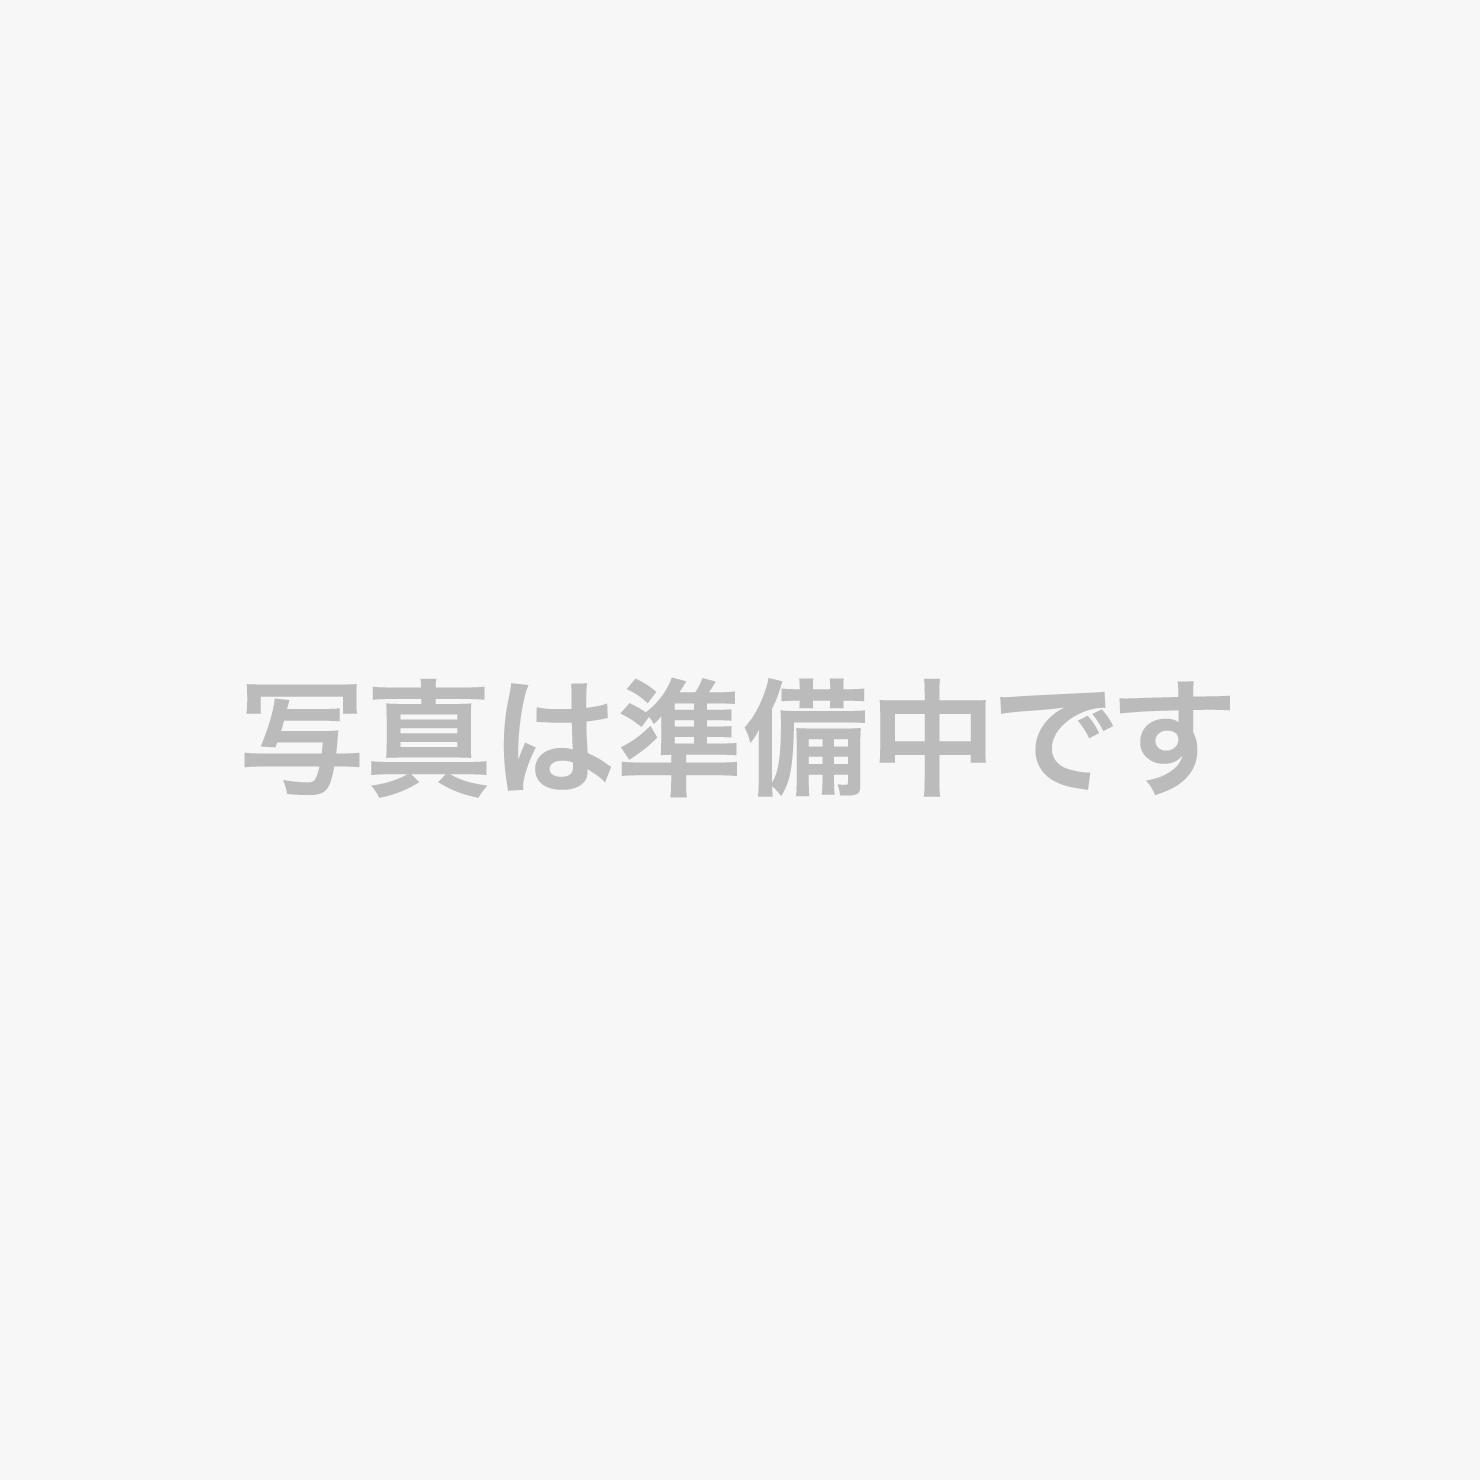 【ロイヤルグランシャリオ】彩りのスイーツ/スイーツカウンター